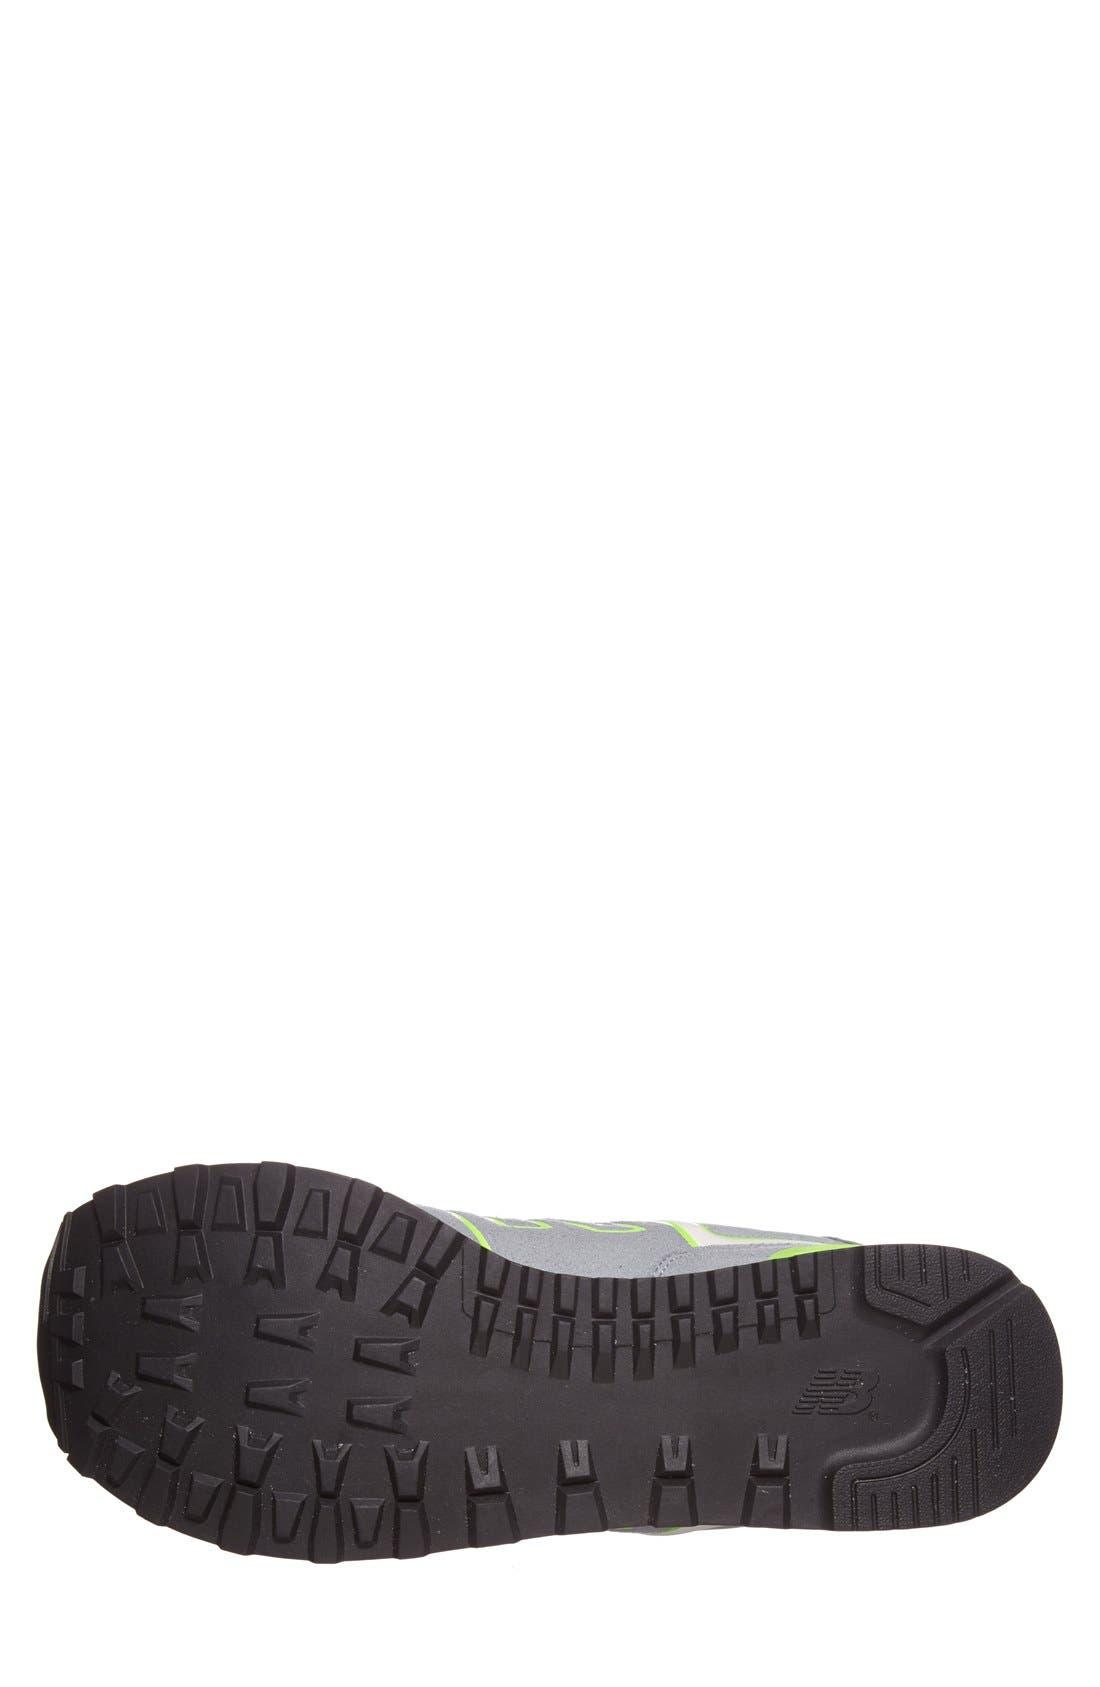 Alternate Image 4  - New Balance '574 Neon' Sneaker (Men)